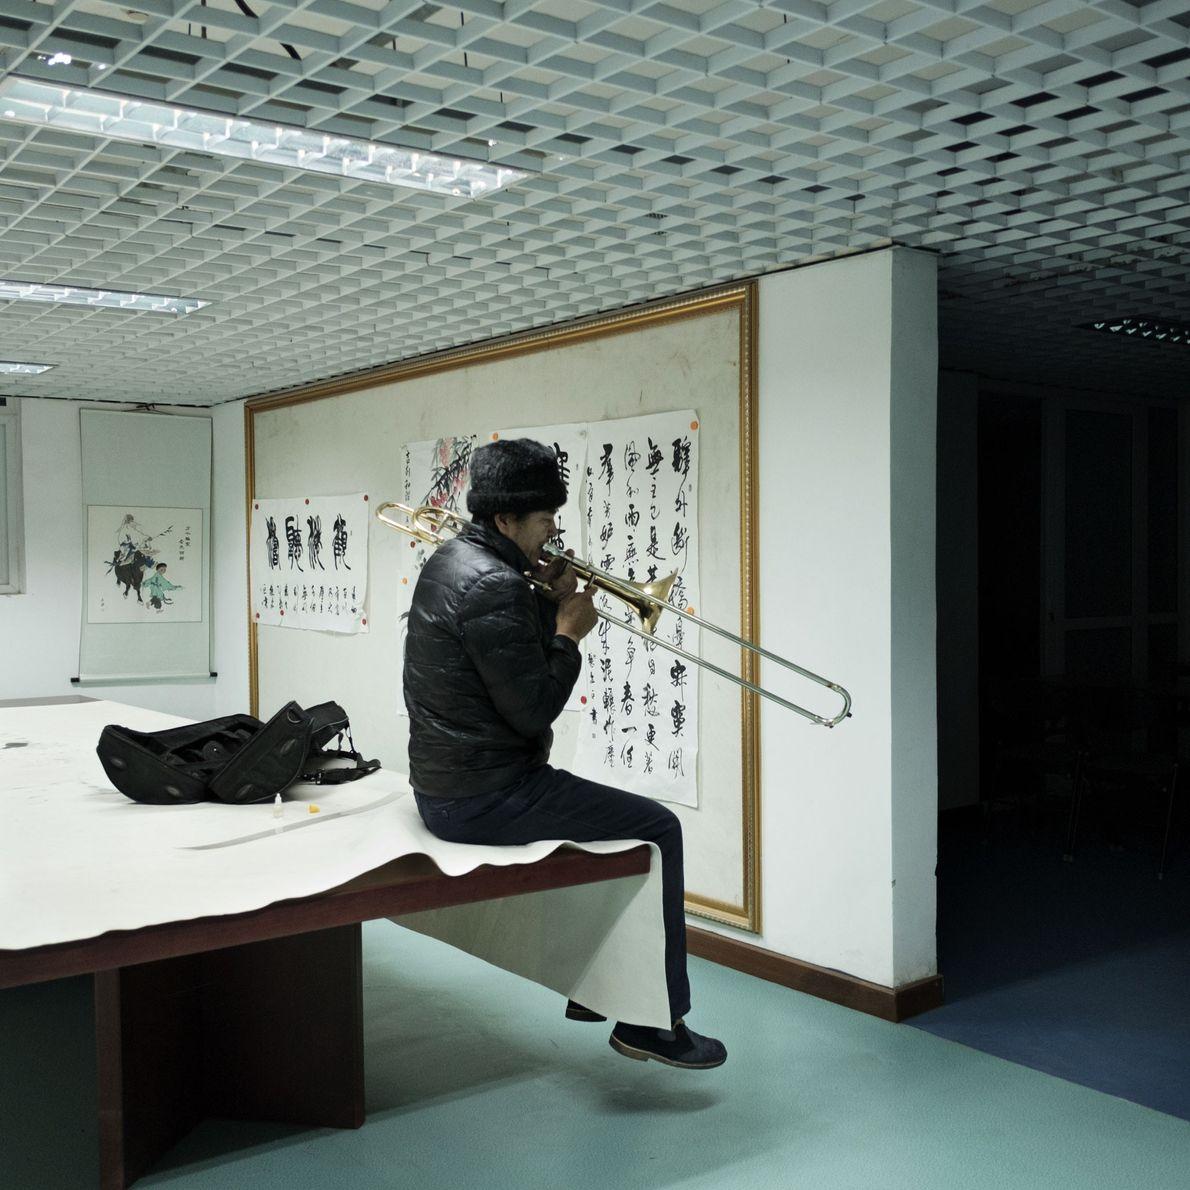 Um músico toca trombone em um centro de atividades conhecido como Sindicato Cultural e Artístico, no ...